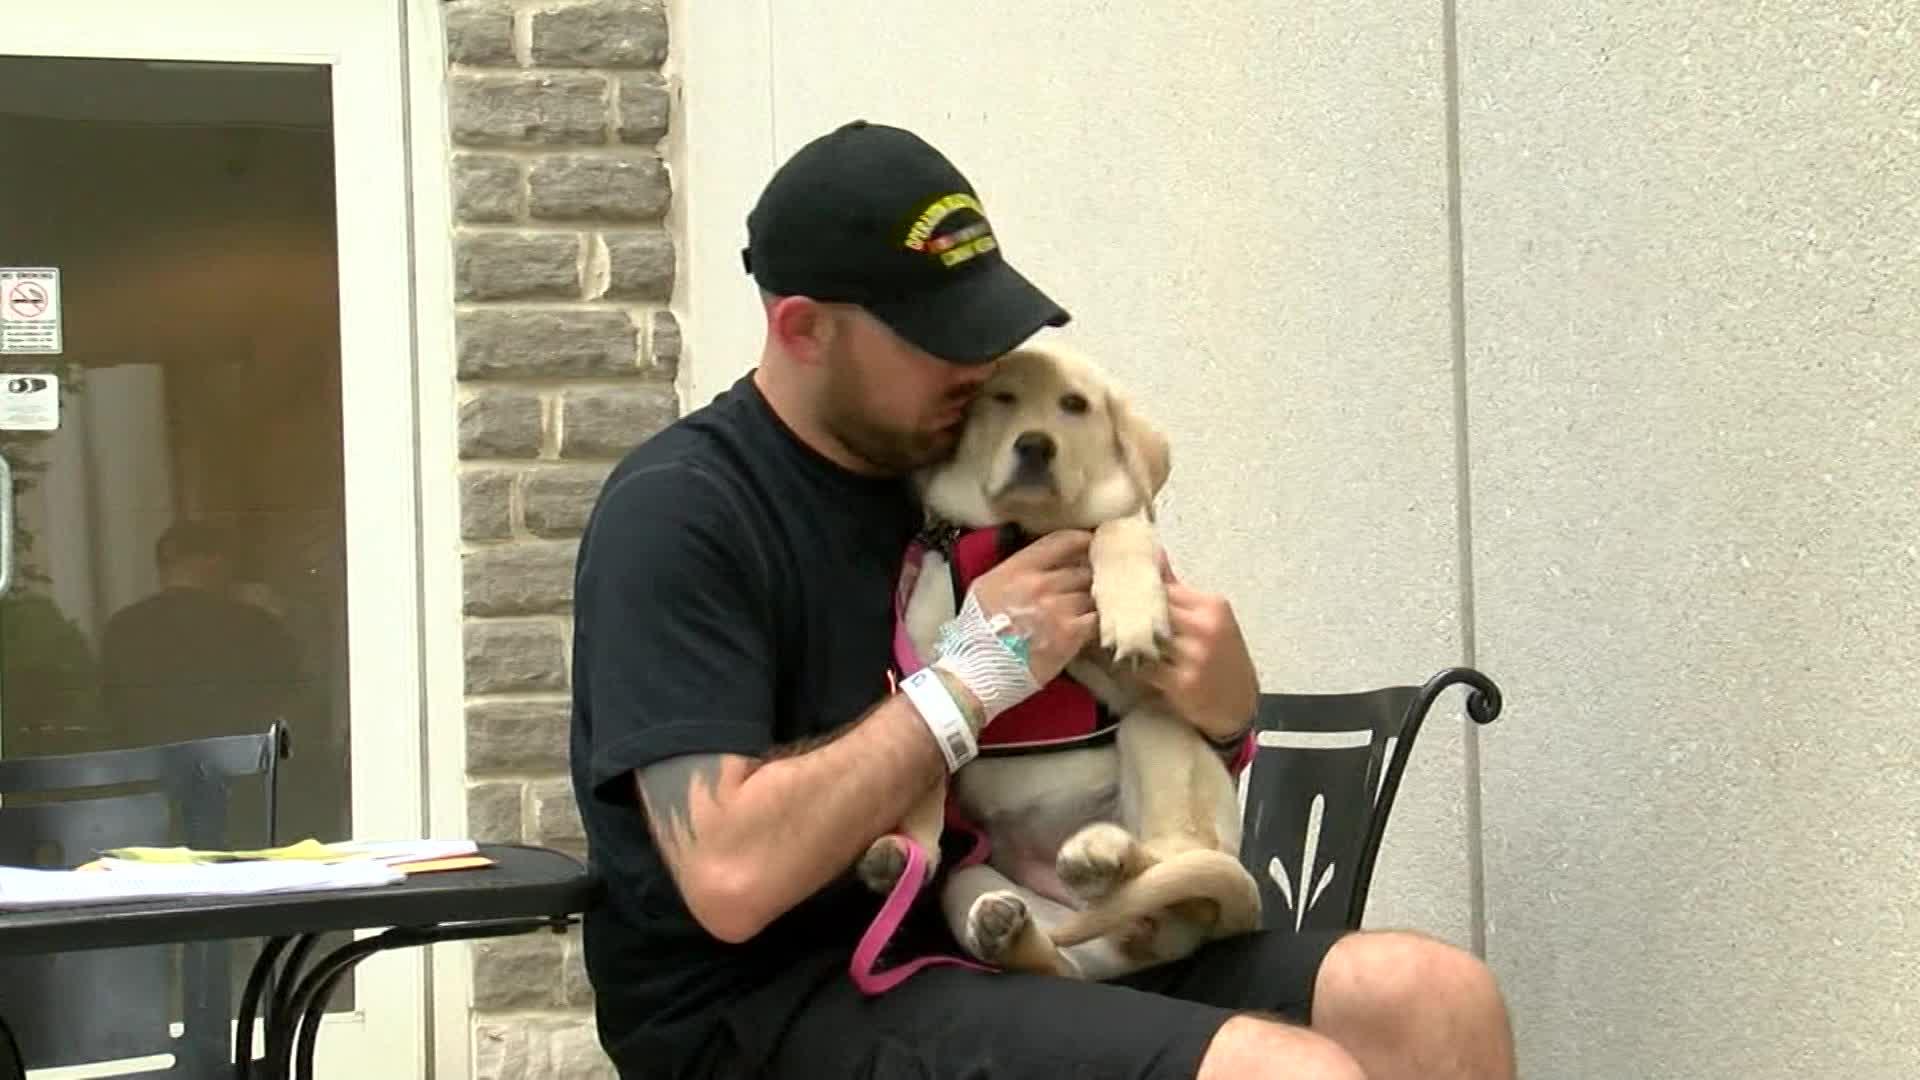 vet and dog_1526744872719.jpg-873772846.jpg